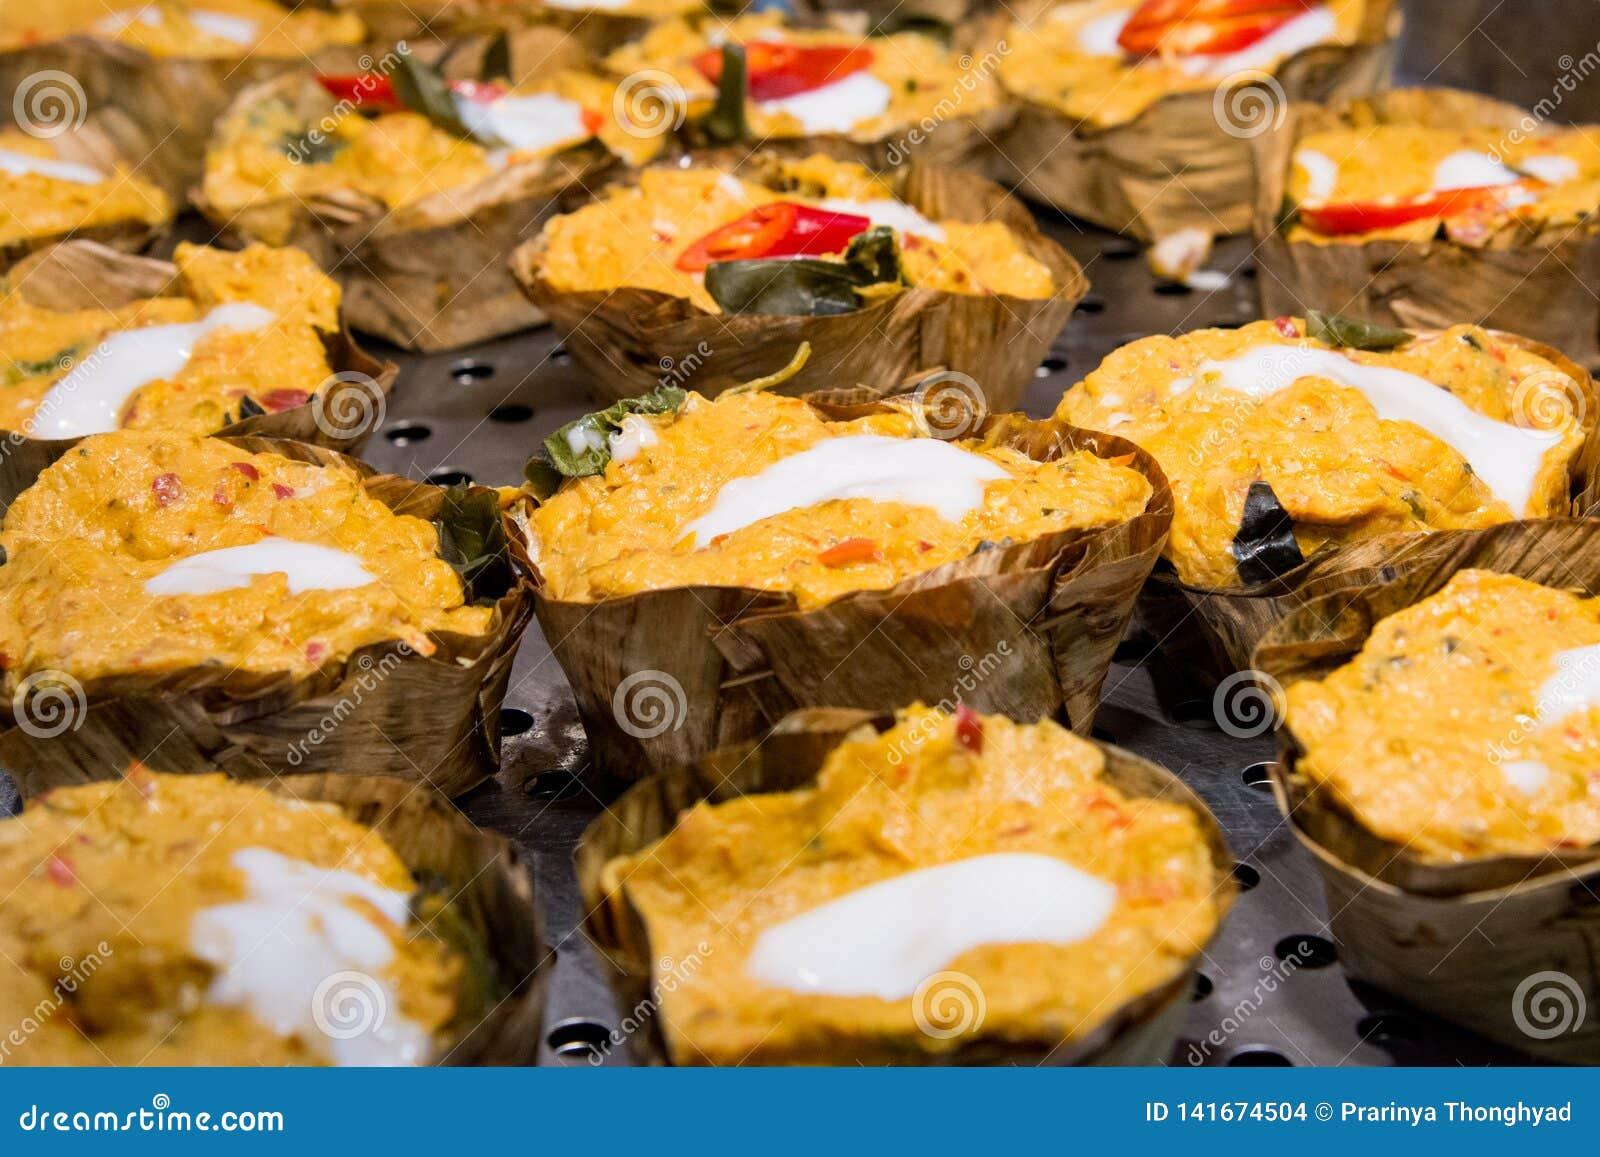 Βρασμένα στον ατμό ψάρια με την κόλλα κάρρυ, ταϊλανδικά τρόφιμα, θαλασσινά ατμού με την κόλλα κάρρυ